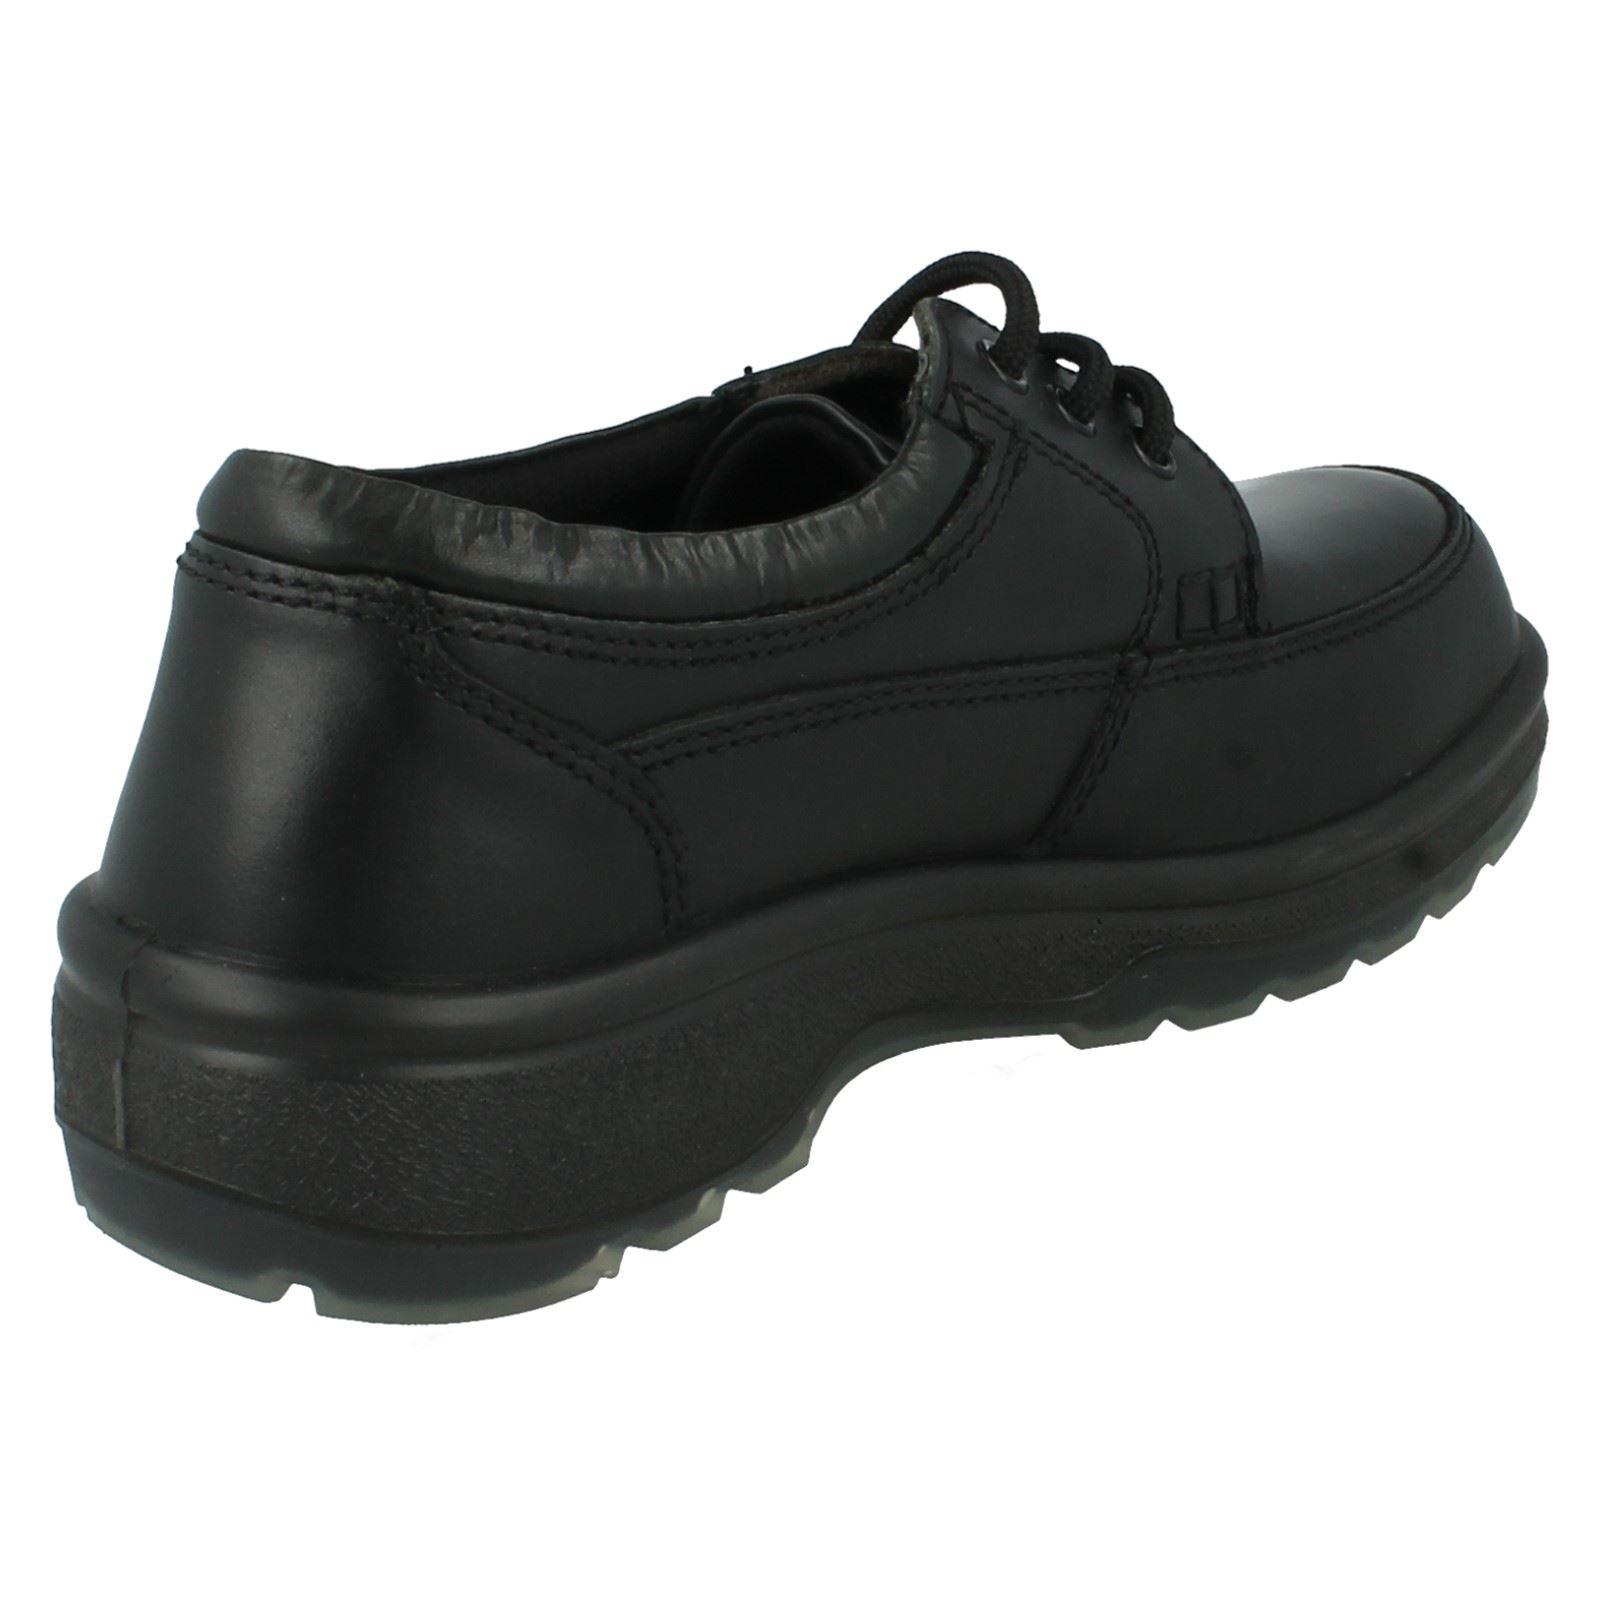 Zapatos para Hombre Puntera De Seguridad Totectors estilo - 1001